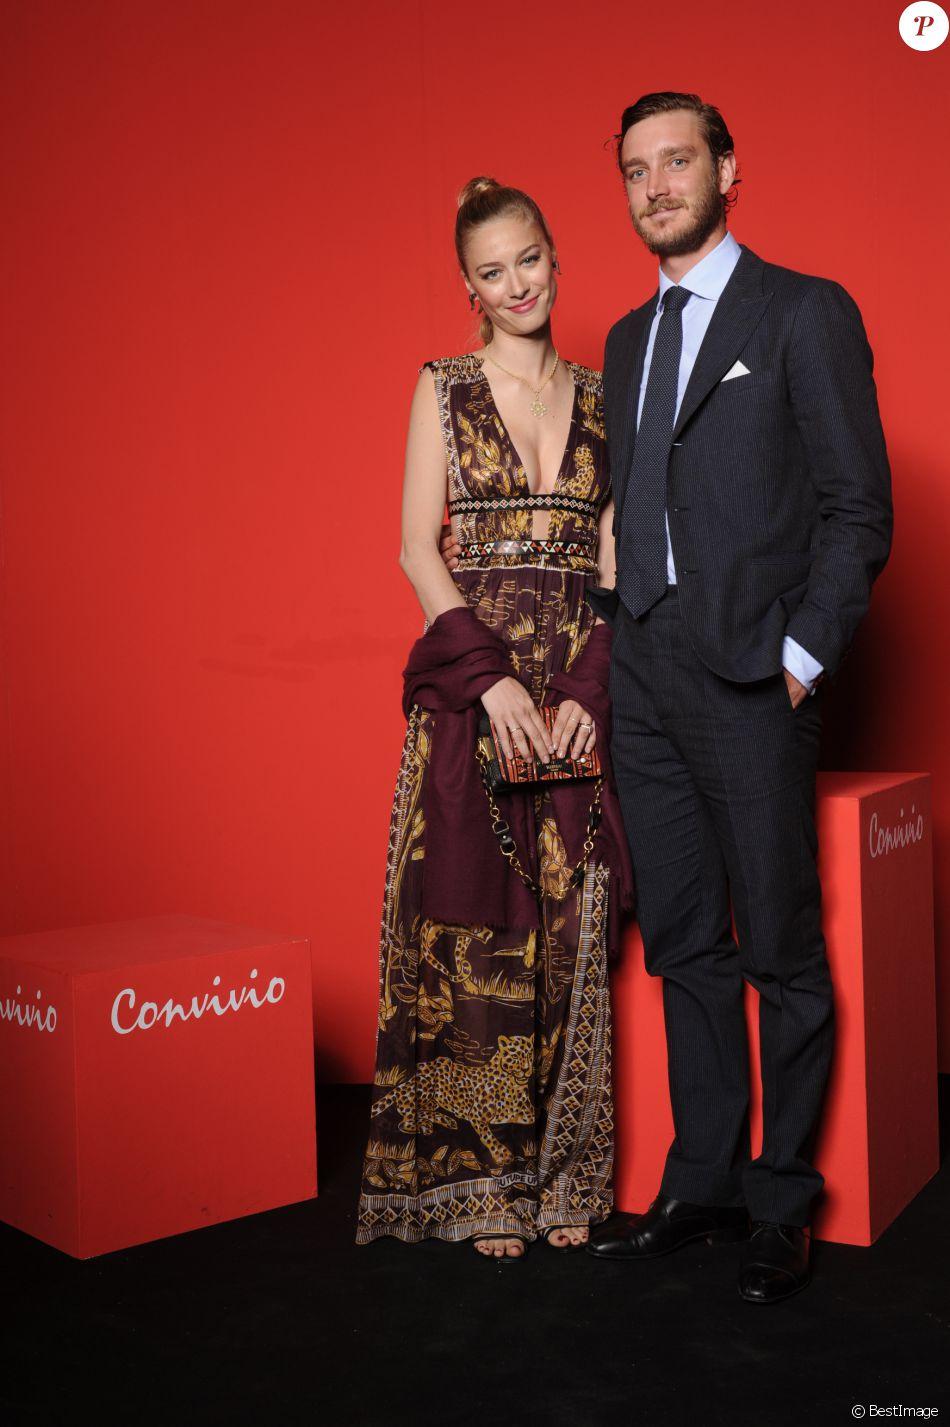 Beatrice Borromeo et Pierre Casiraghi à la soirée Convivio à Milan le 7 juin 2016